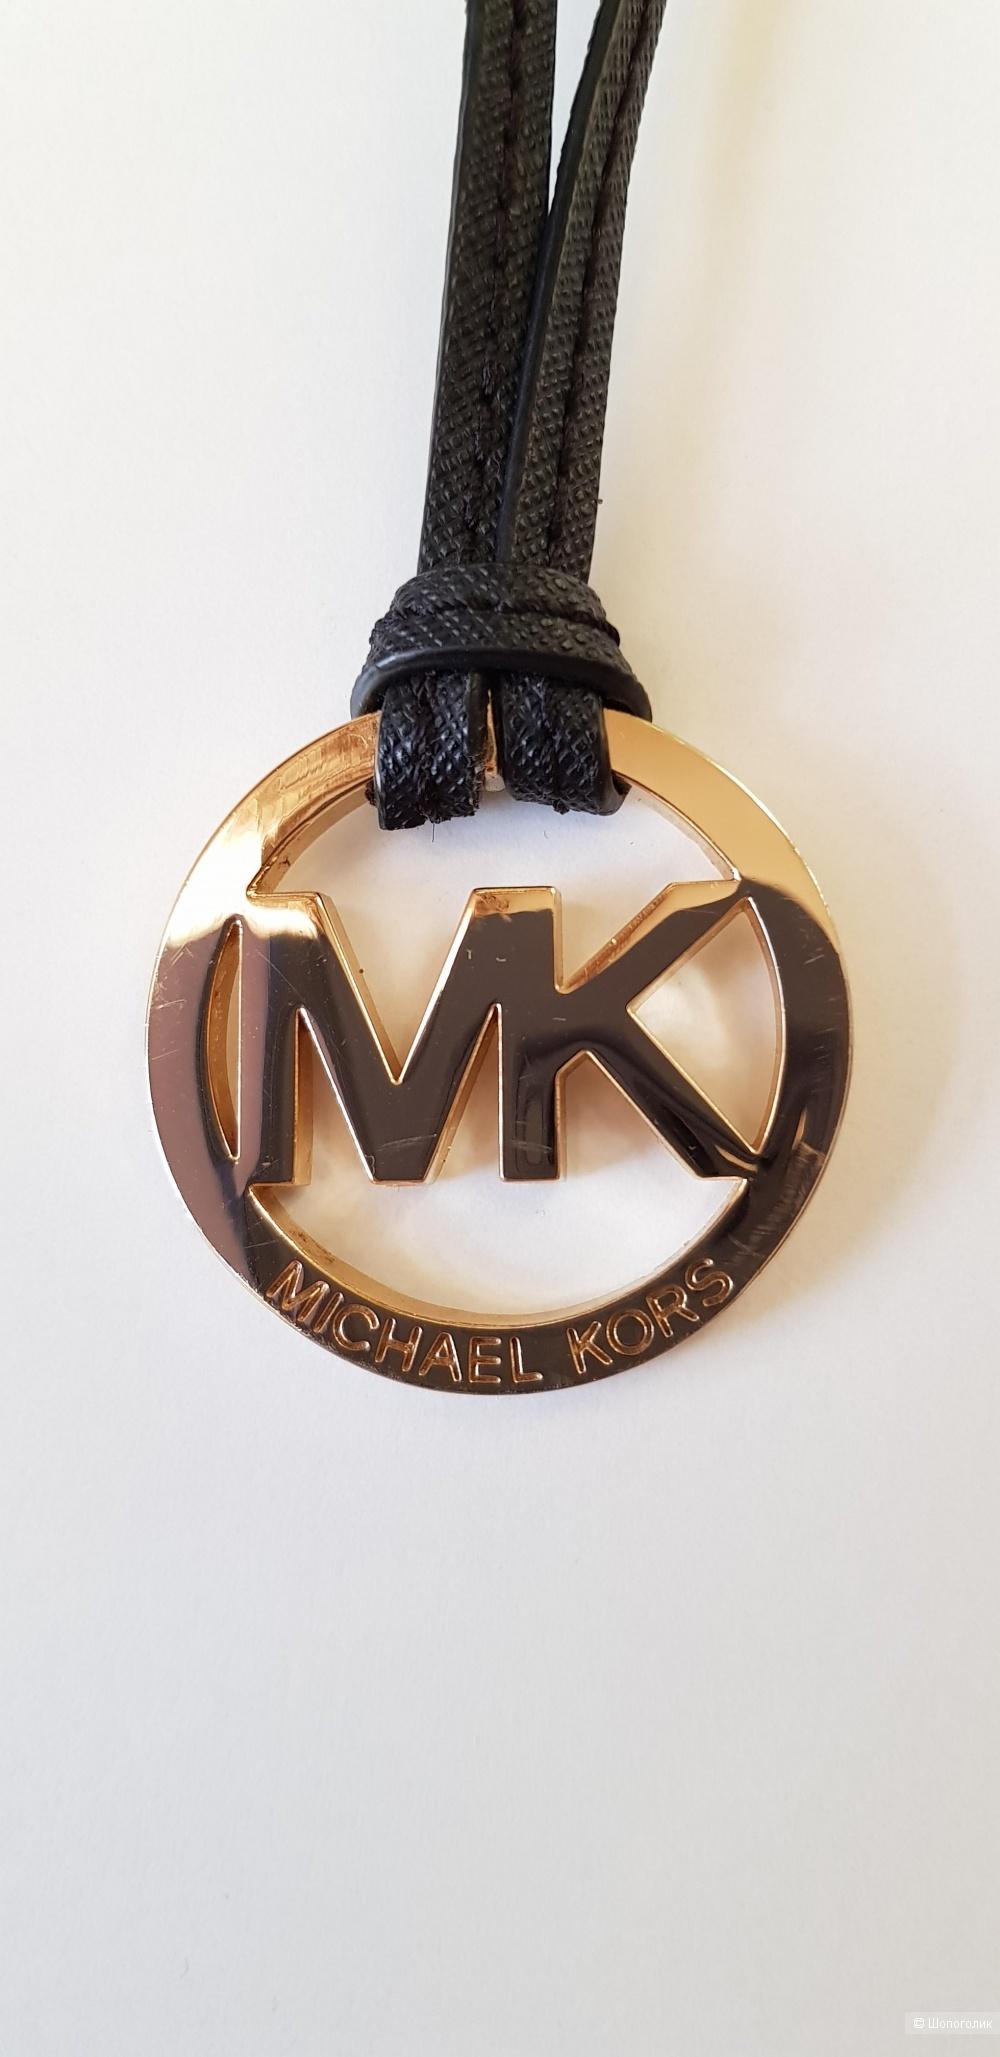 Ремень брелок Michael Kors onе size